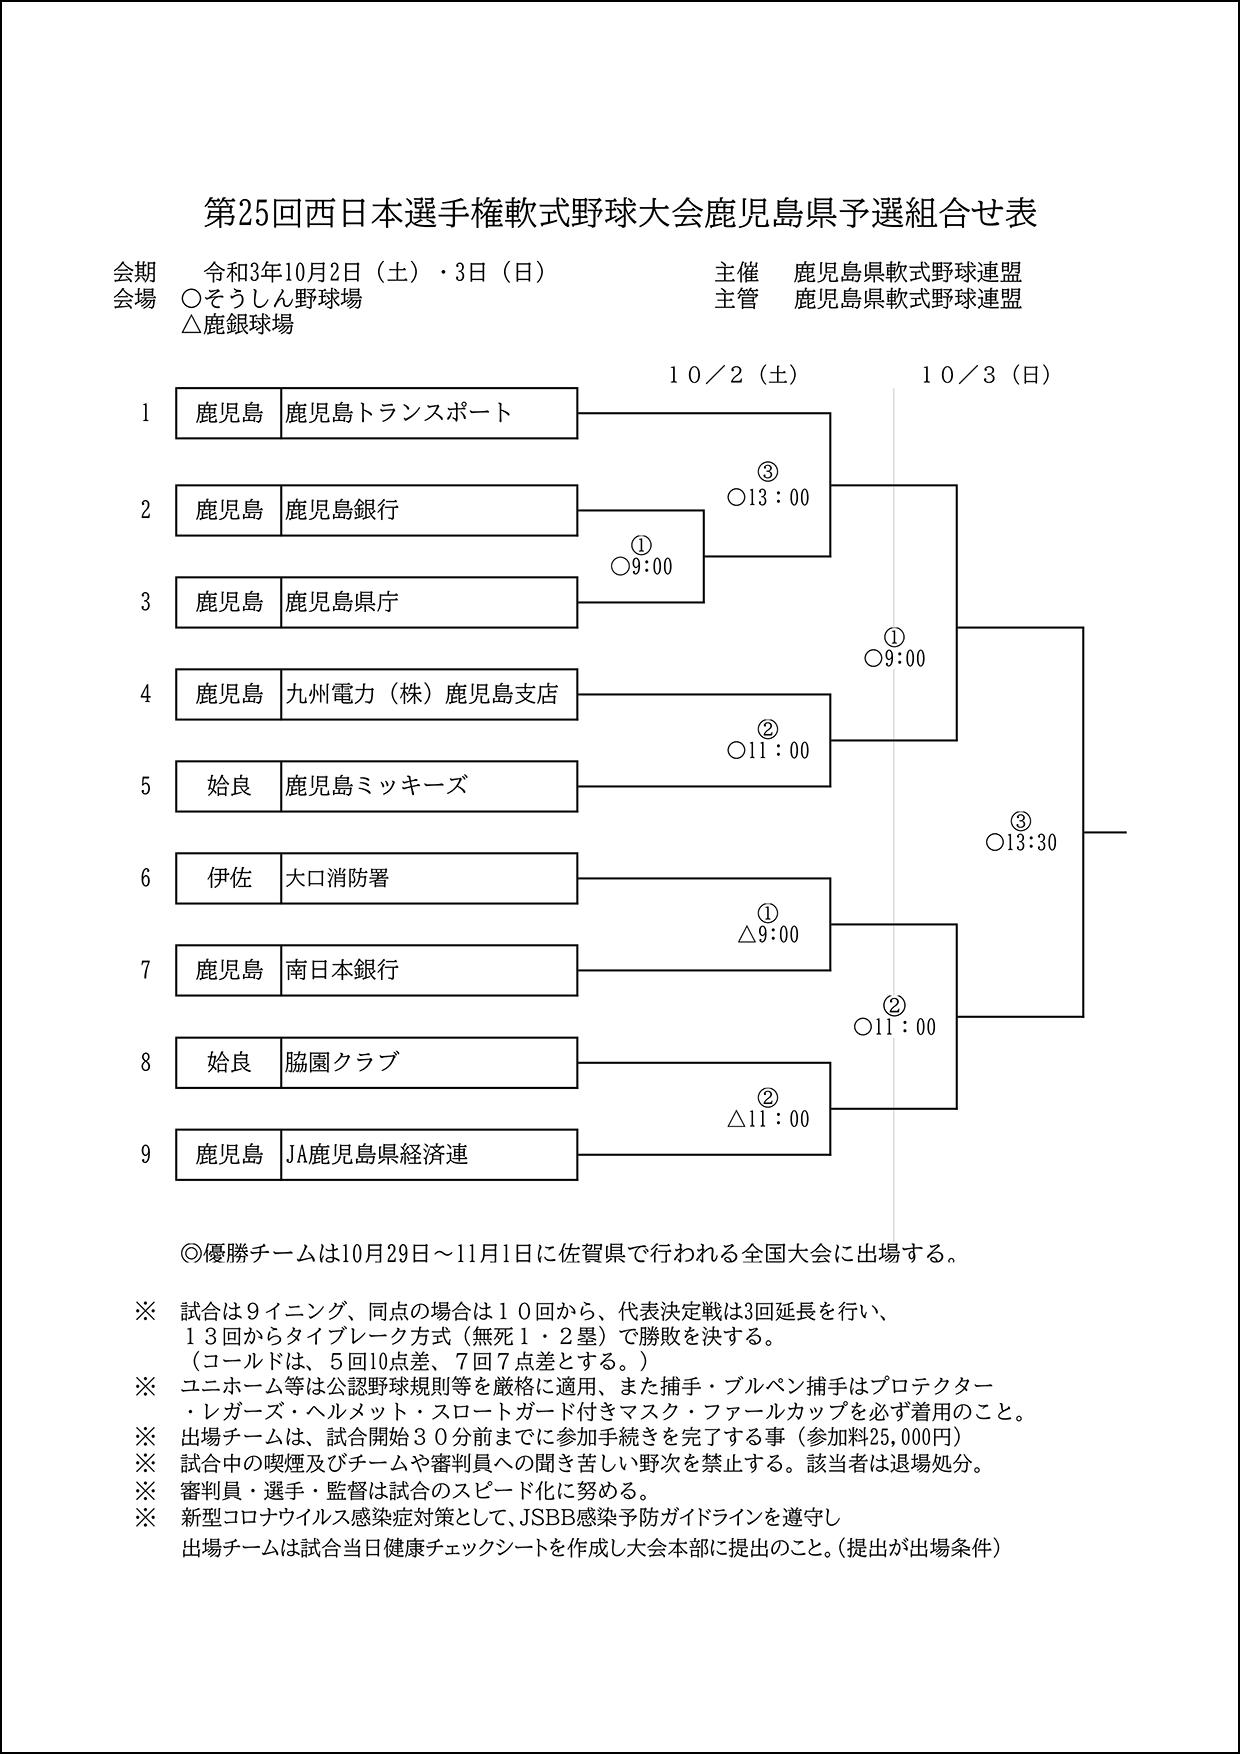 【組合せ】第25回西日本選手権軟式野球大会鹿児島県予選組合せ表